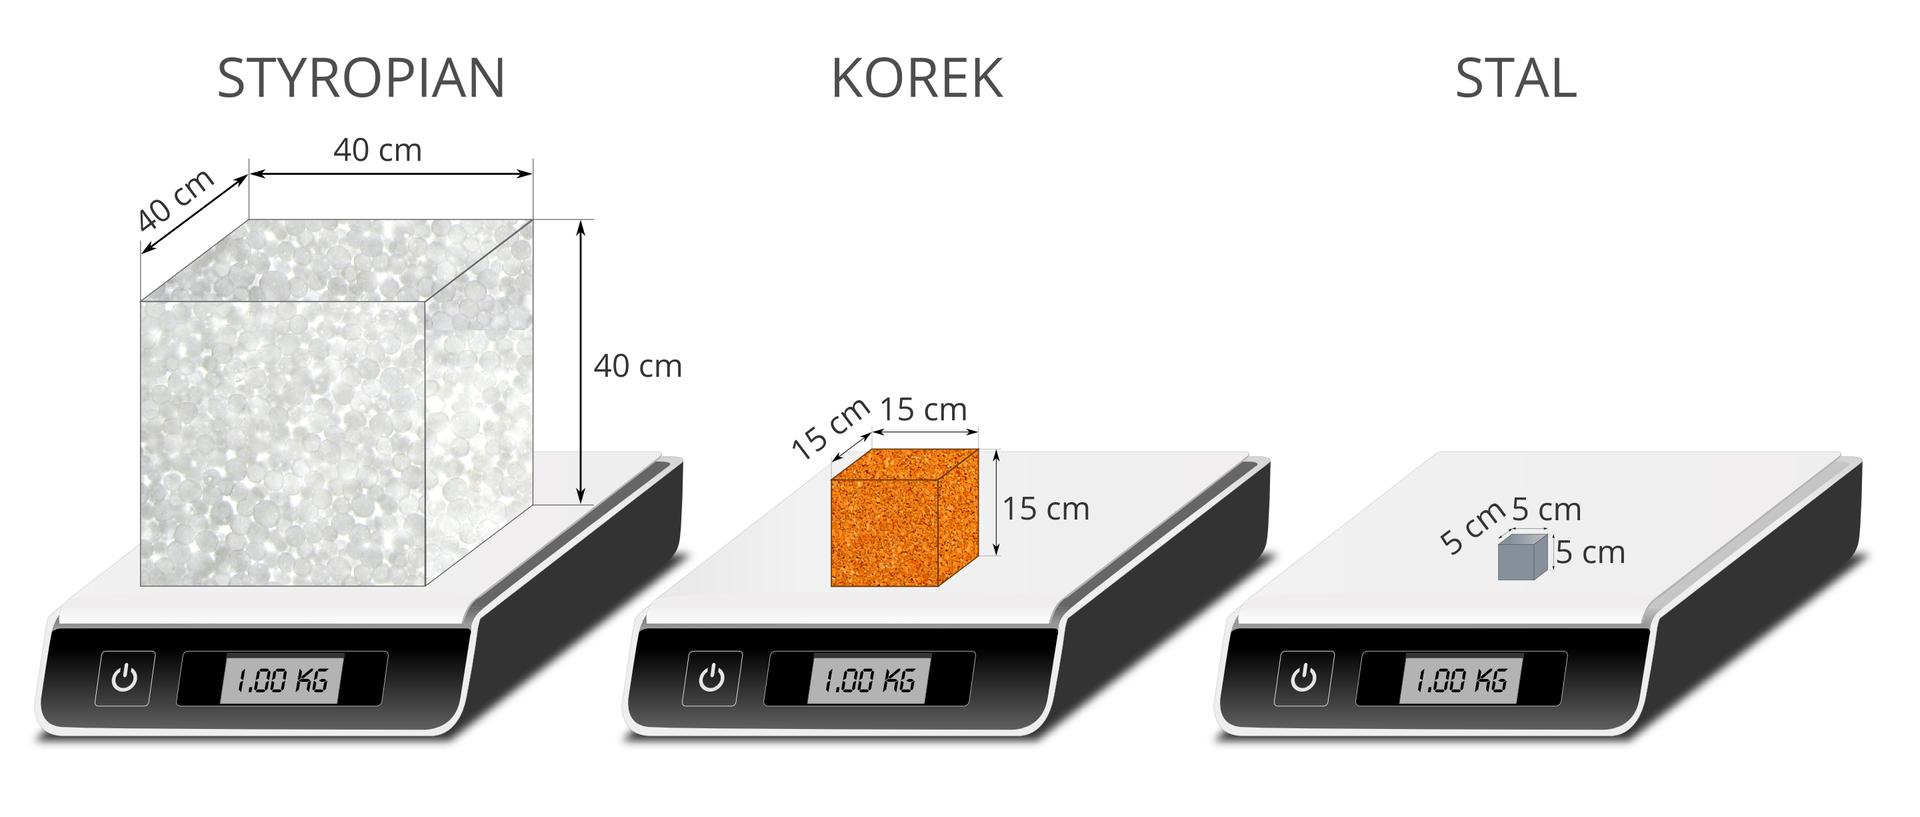 Ilustracja przedstawia trzy wagi zwyświetlaczem cyfrowym. Na każdej ztrzech wag umieszczono po jednym sześcianie. Każdy zsześcianów został wykonany zinnego materiału. Wskaźnik każdej zwag wskazuje, że umieszczony na niej sześcian ma masę 1 kilograma. Pierwszy sześcian wykonany jest ze styropianu. Długość krawędzi wynosi 40 centymetrów. Drugi sześcian wykonany został zkory dębu korkowego. Długość jego krawędzi wynosi 15 centymetrów. Trzeci sześcian wykonany został ze stali Długość krawędzi wynosi 5 centymetrów.